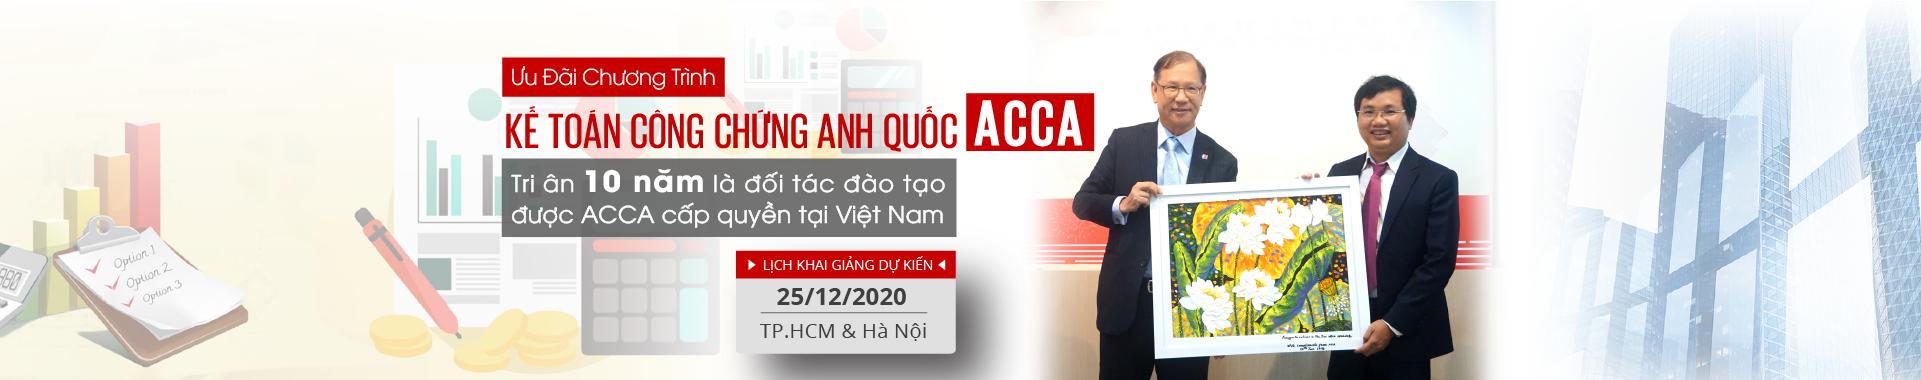 Kế toán Công chứng Anh Quốc ACCA_website